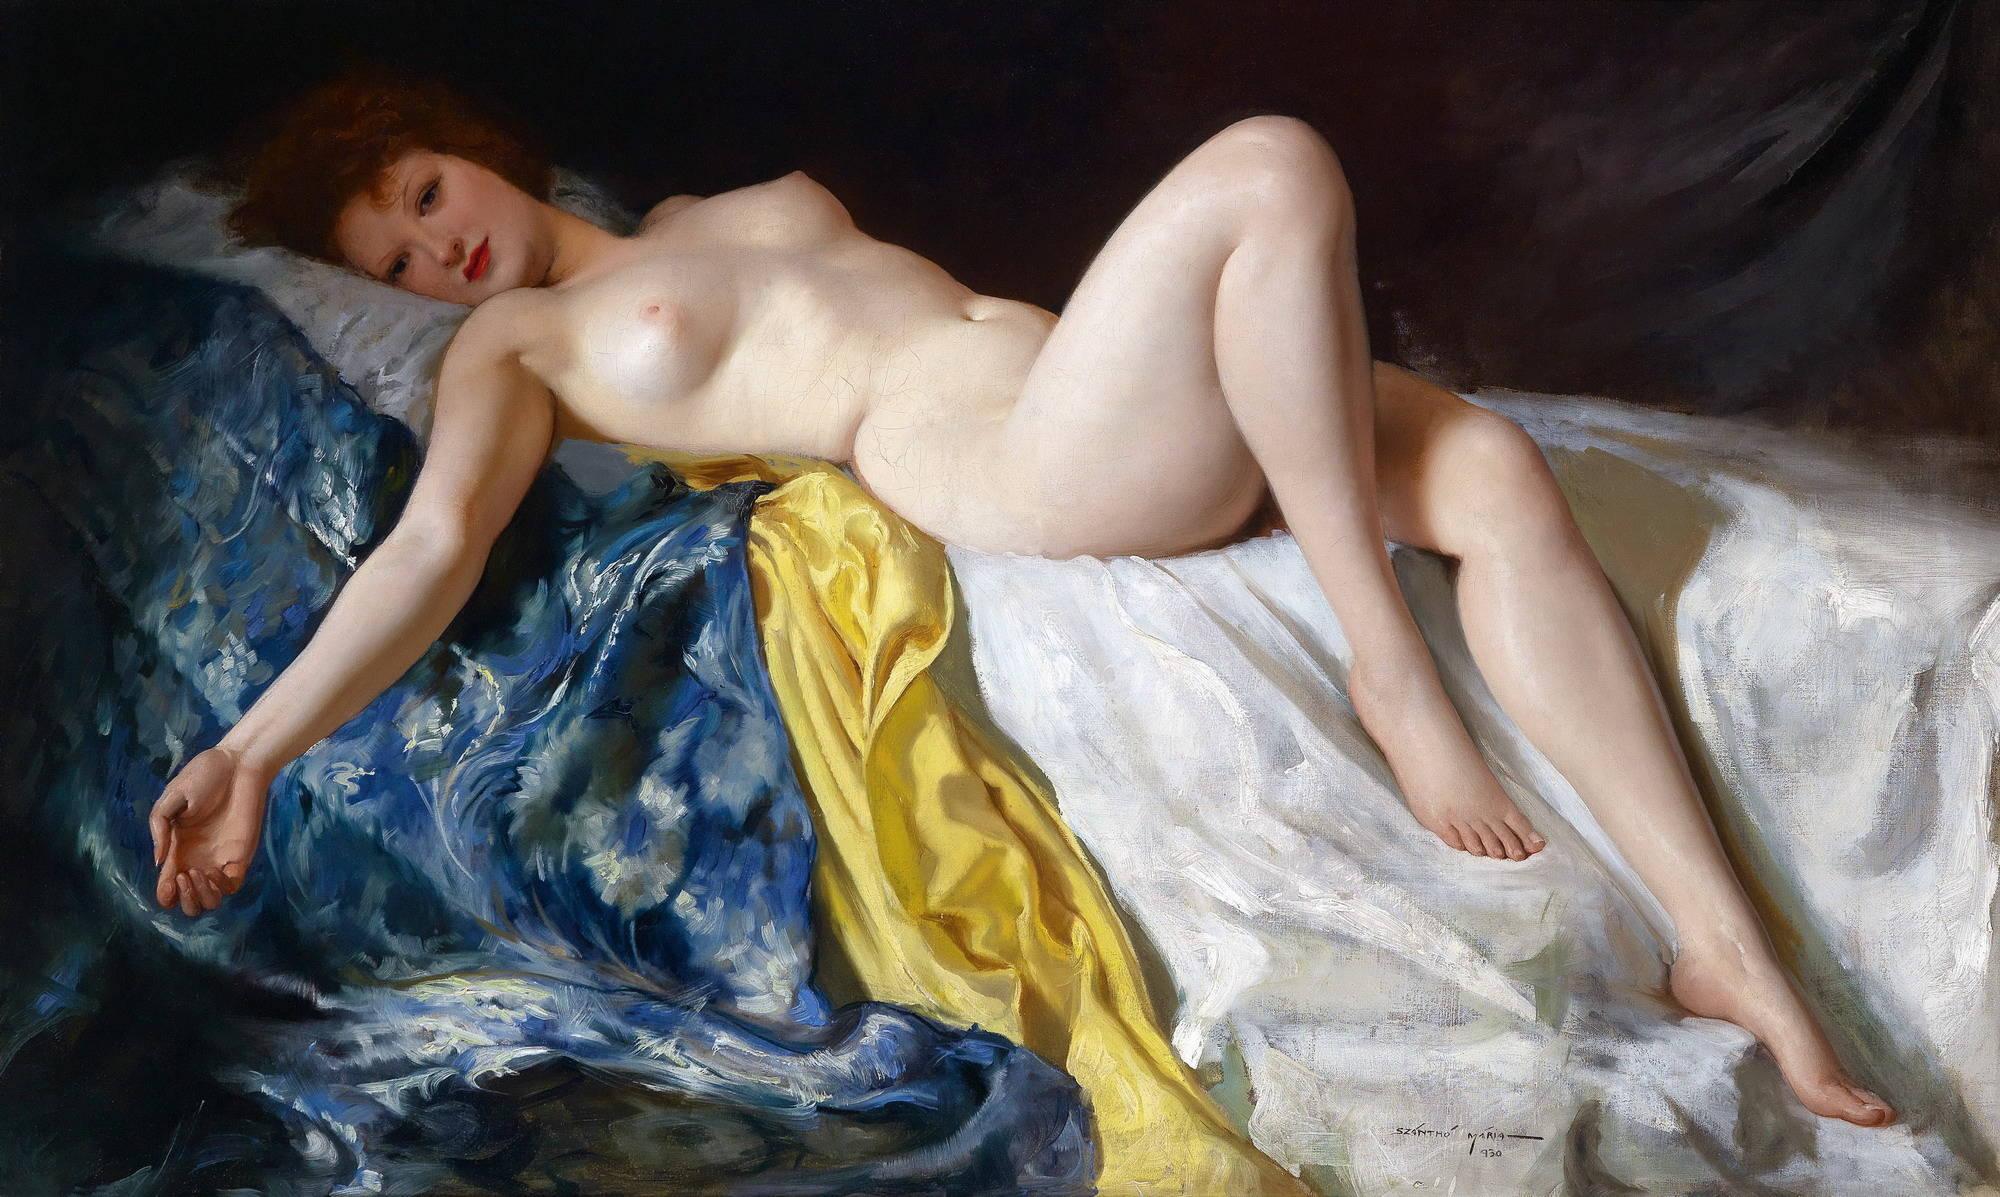 Художник рисует голую девушку 18 фотография